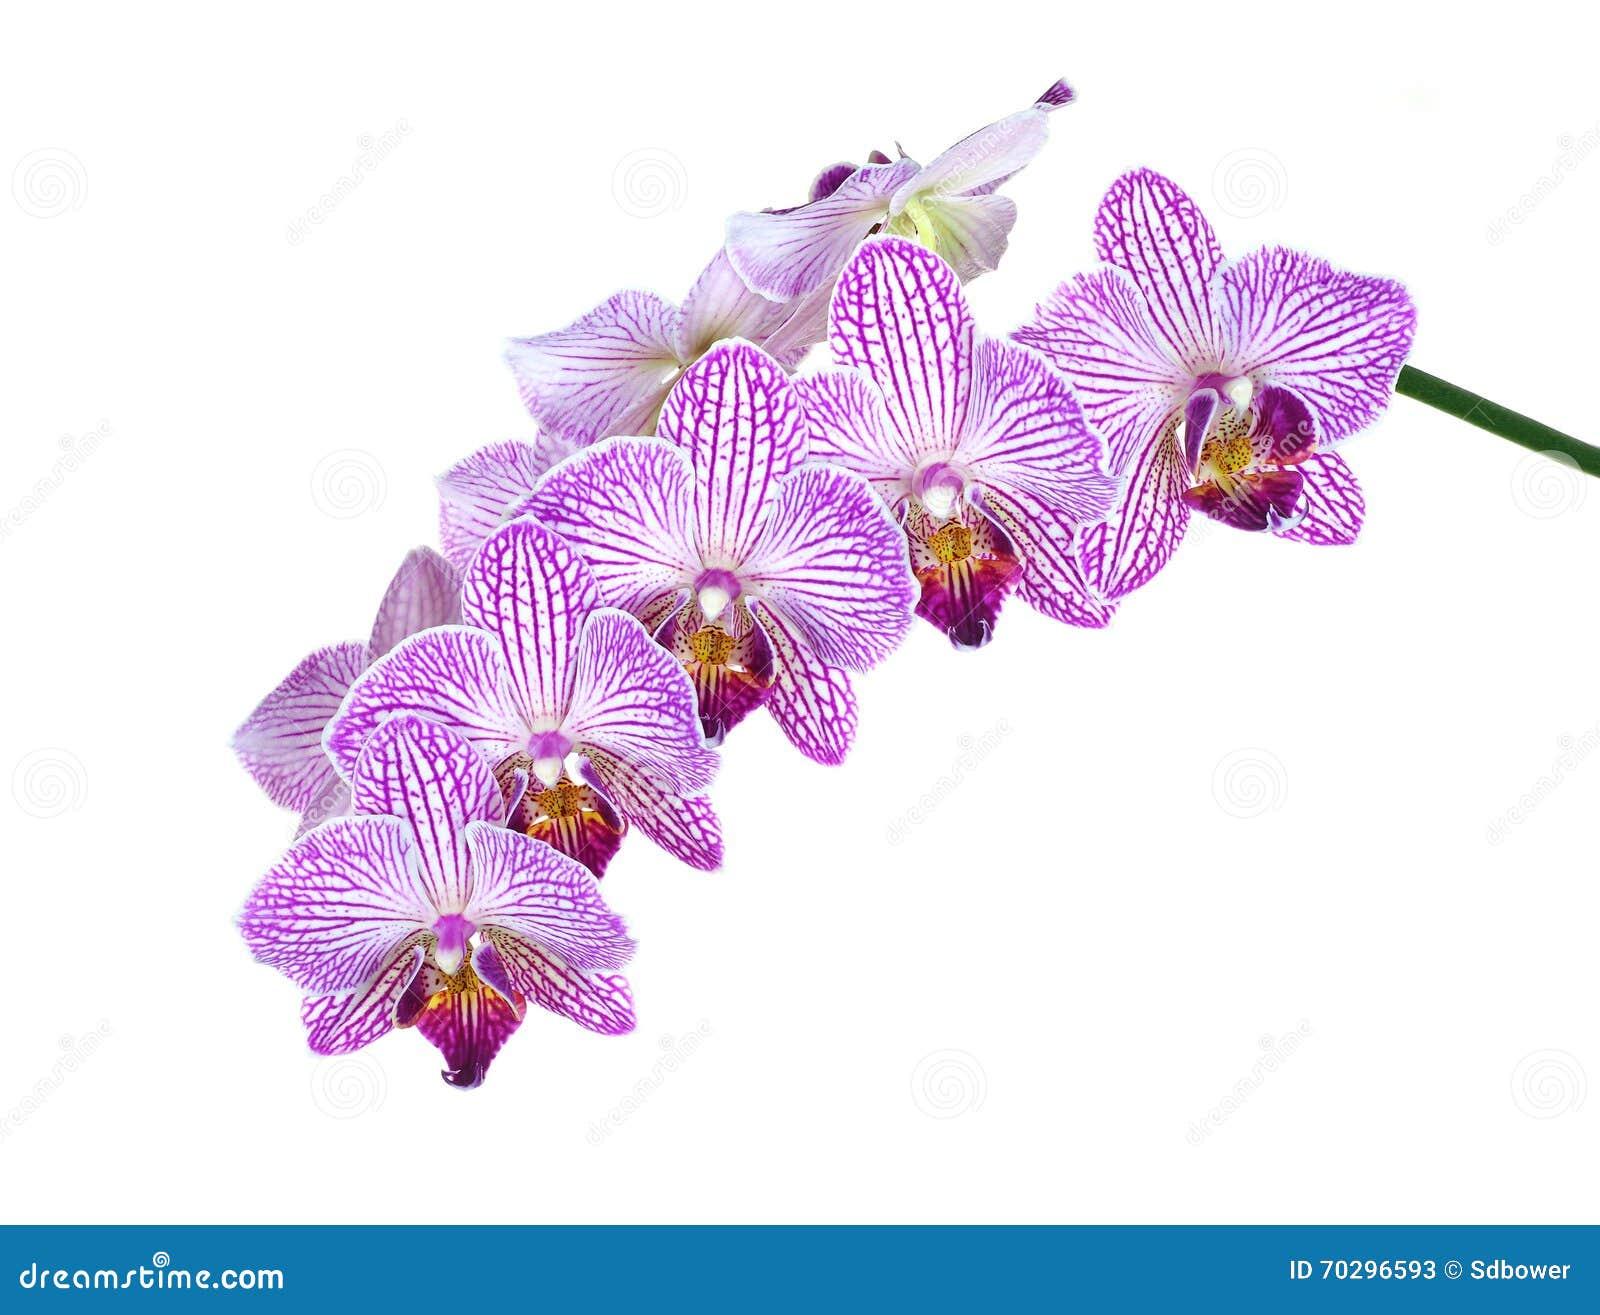 Extreme Diepte van Gebiedsfoto van Orchideebloei die op Wit wordt geïsoleerd,